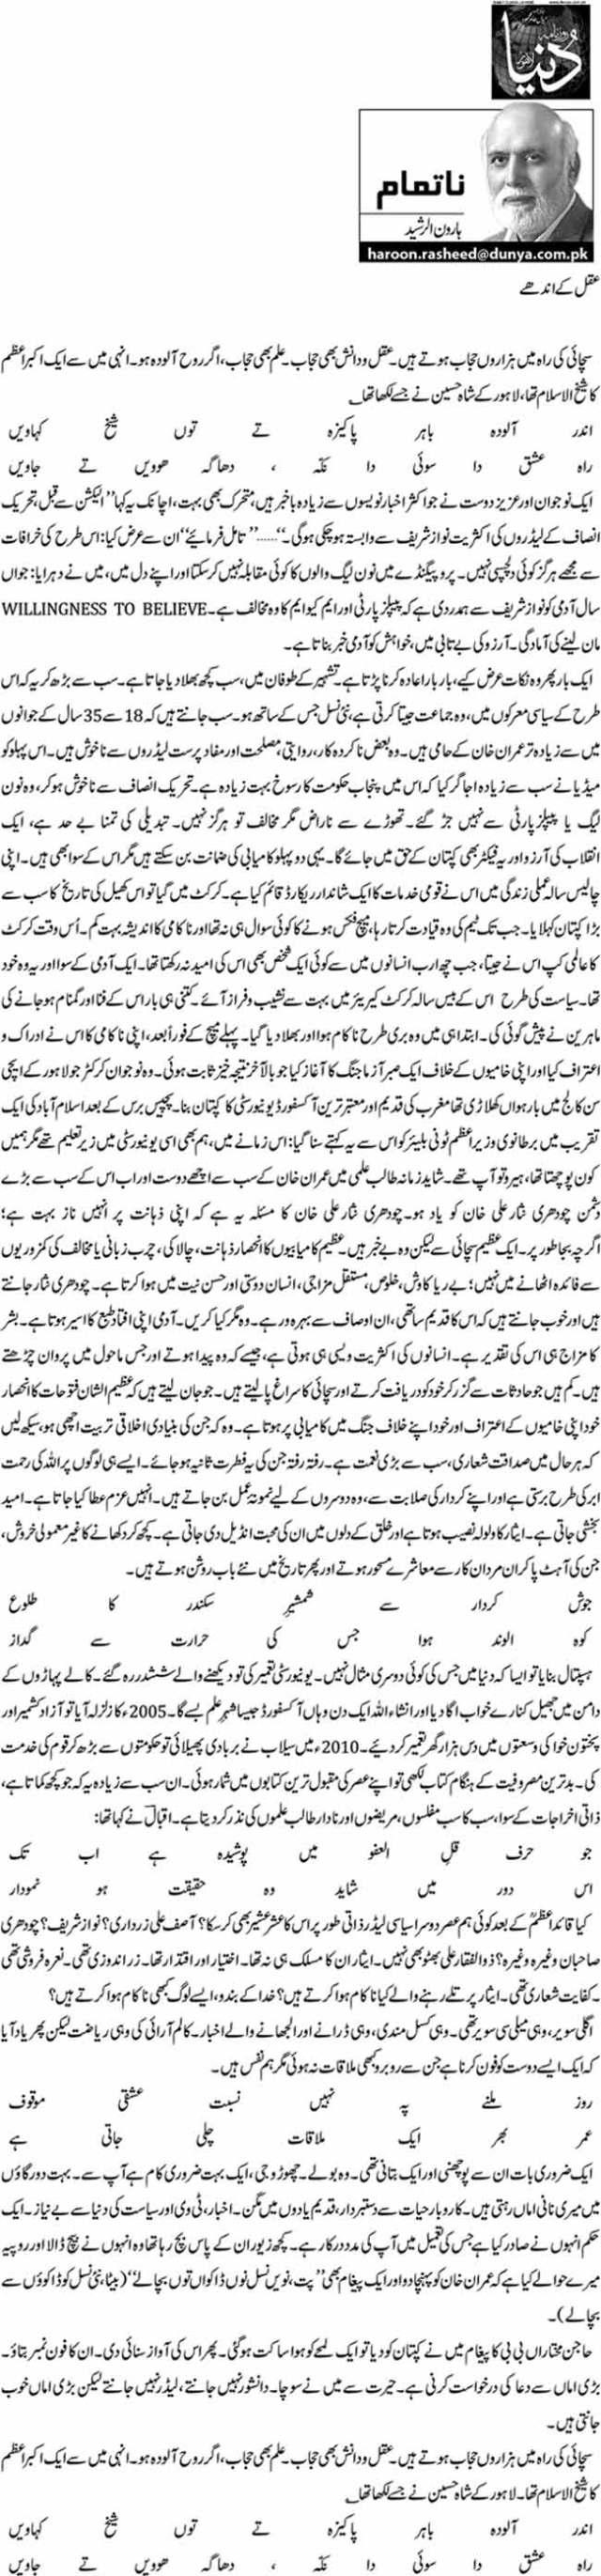 Aqal k andhay - Haroon-ur-Rasheed